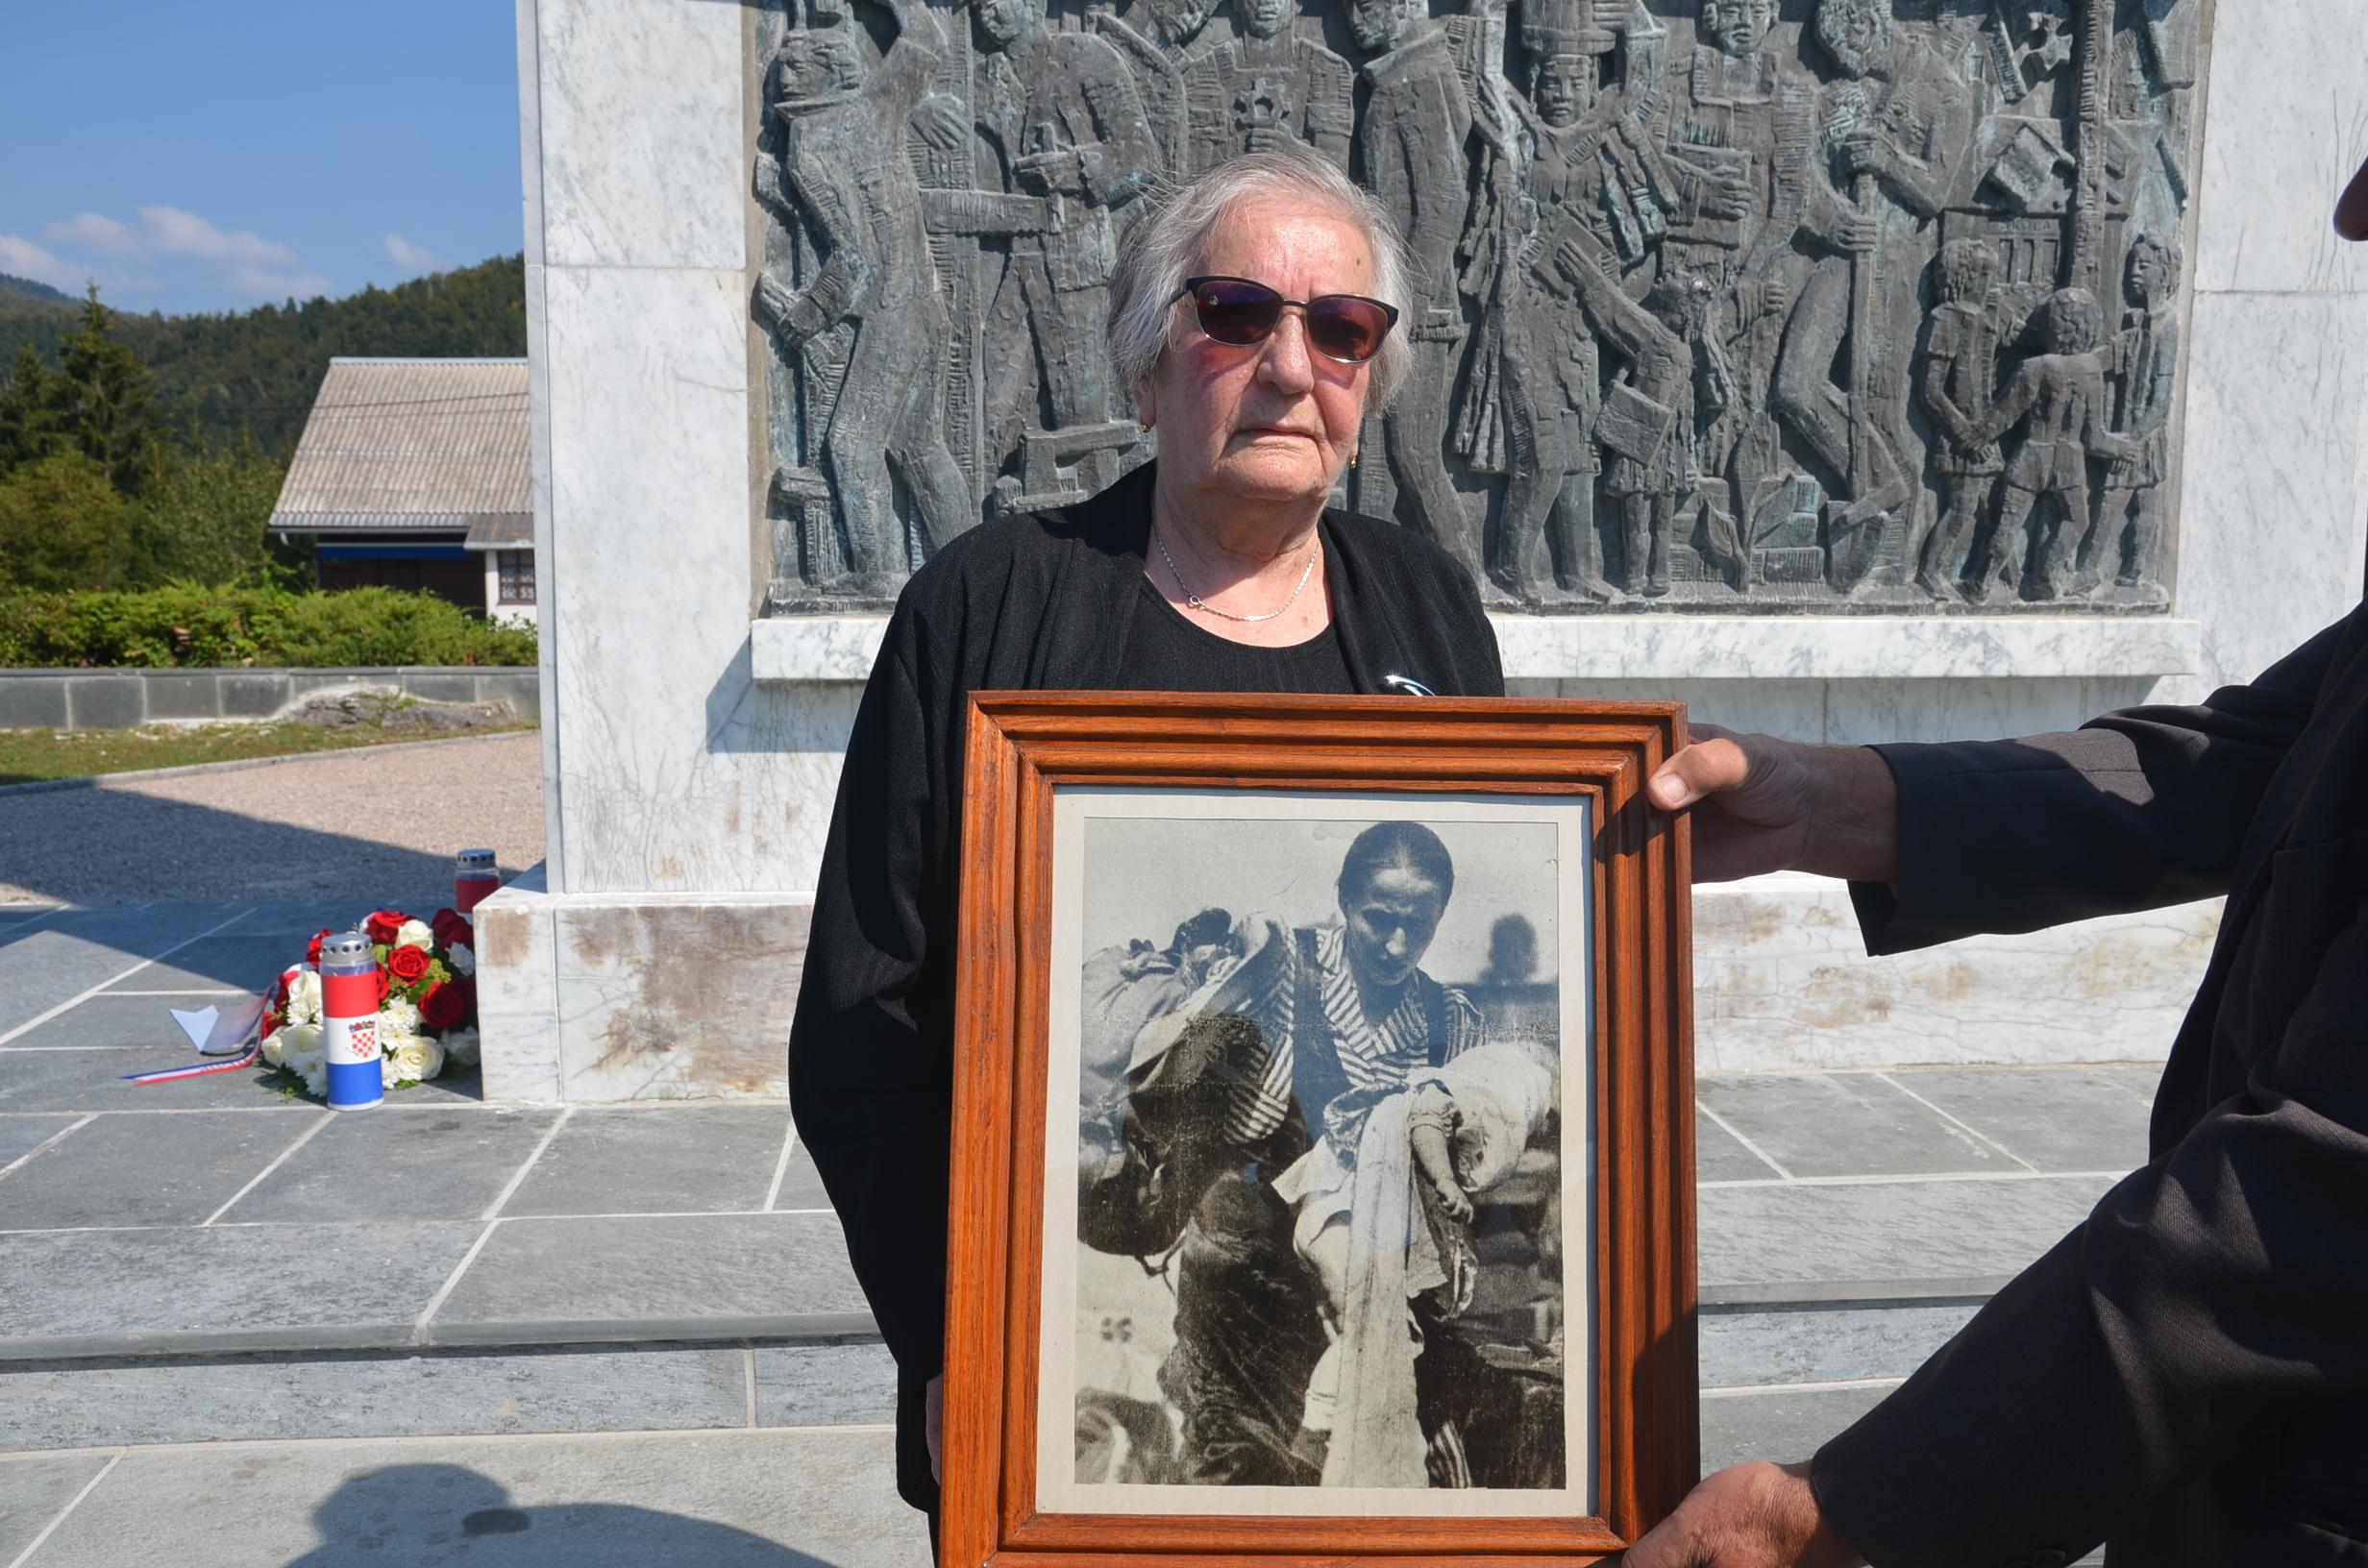 Marica Šimić s fotografijom snimljenom prije 77 godina / Snimio Marinko KRMPOTIĆ